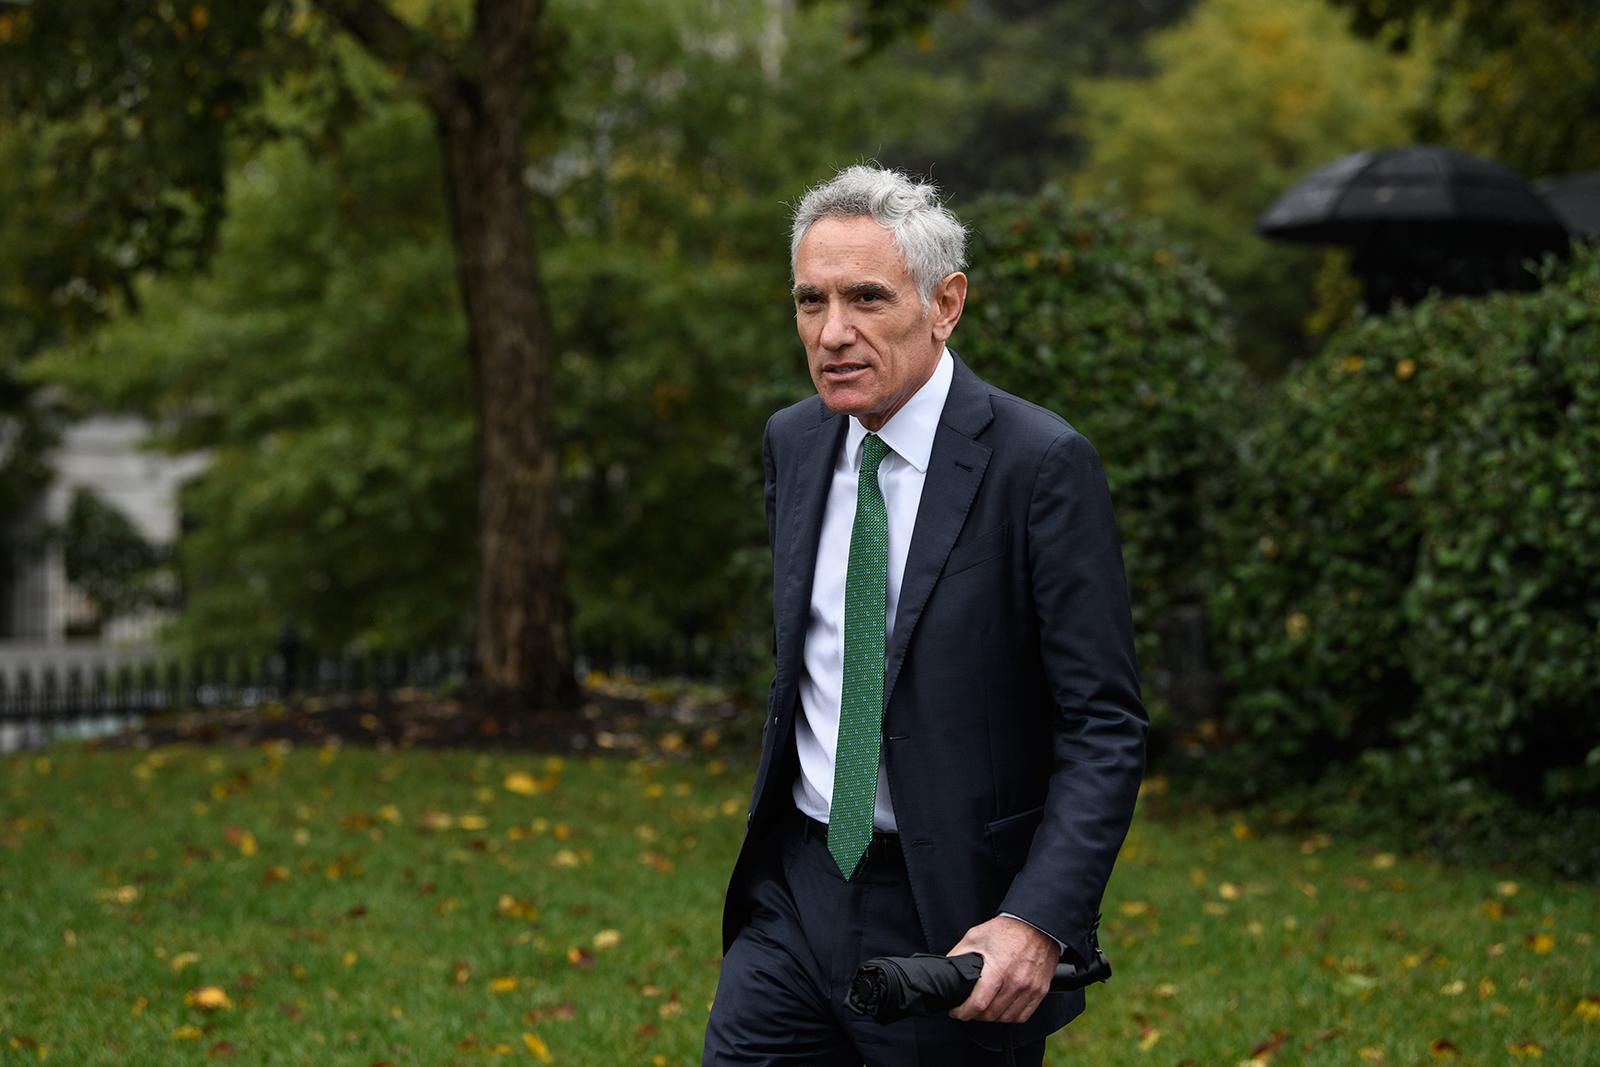 Dr. Scott Atlas, member of the White House Coronavirus Taskforce, walks at the White House in Washington, DC, on October 12.